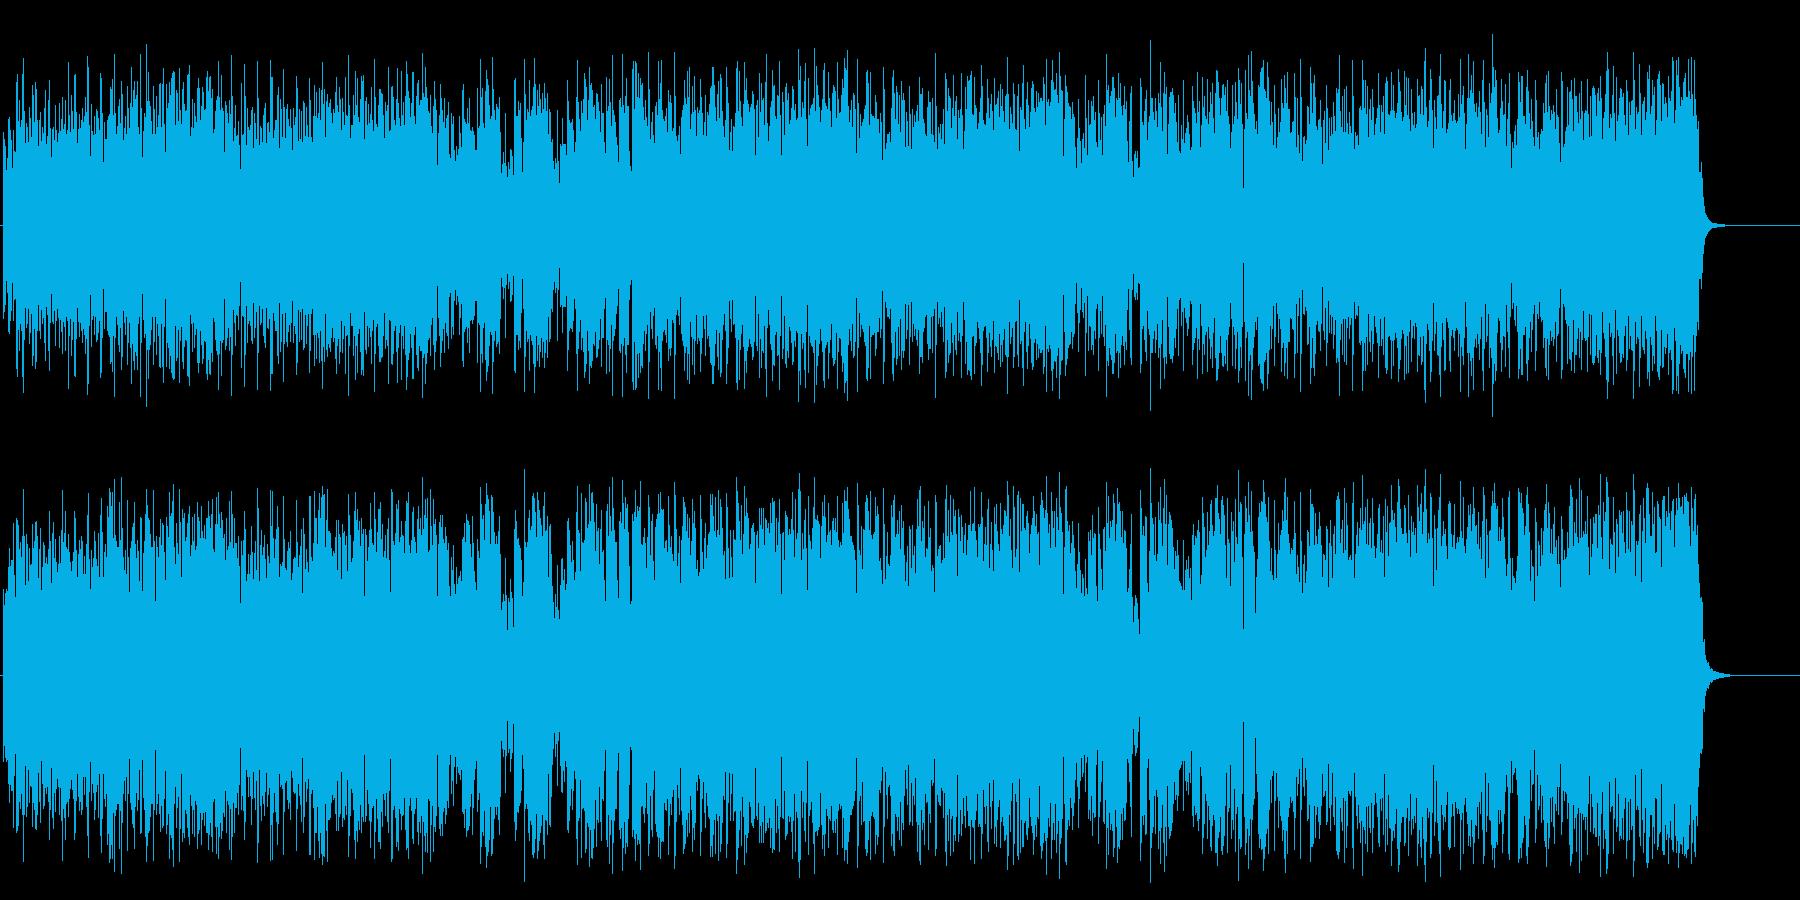 スピード 追跡 激しい 挑戦 レース 嵐の再生済みの波形